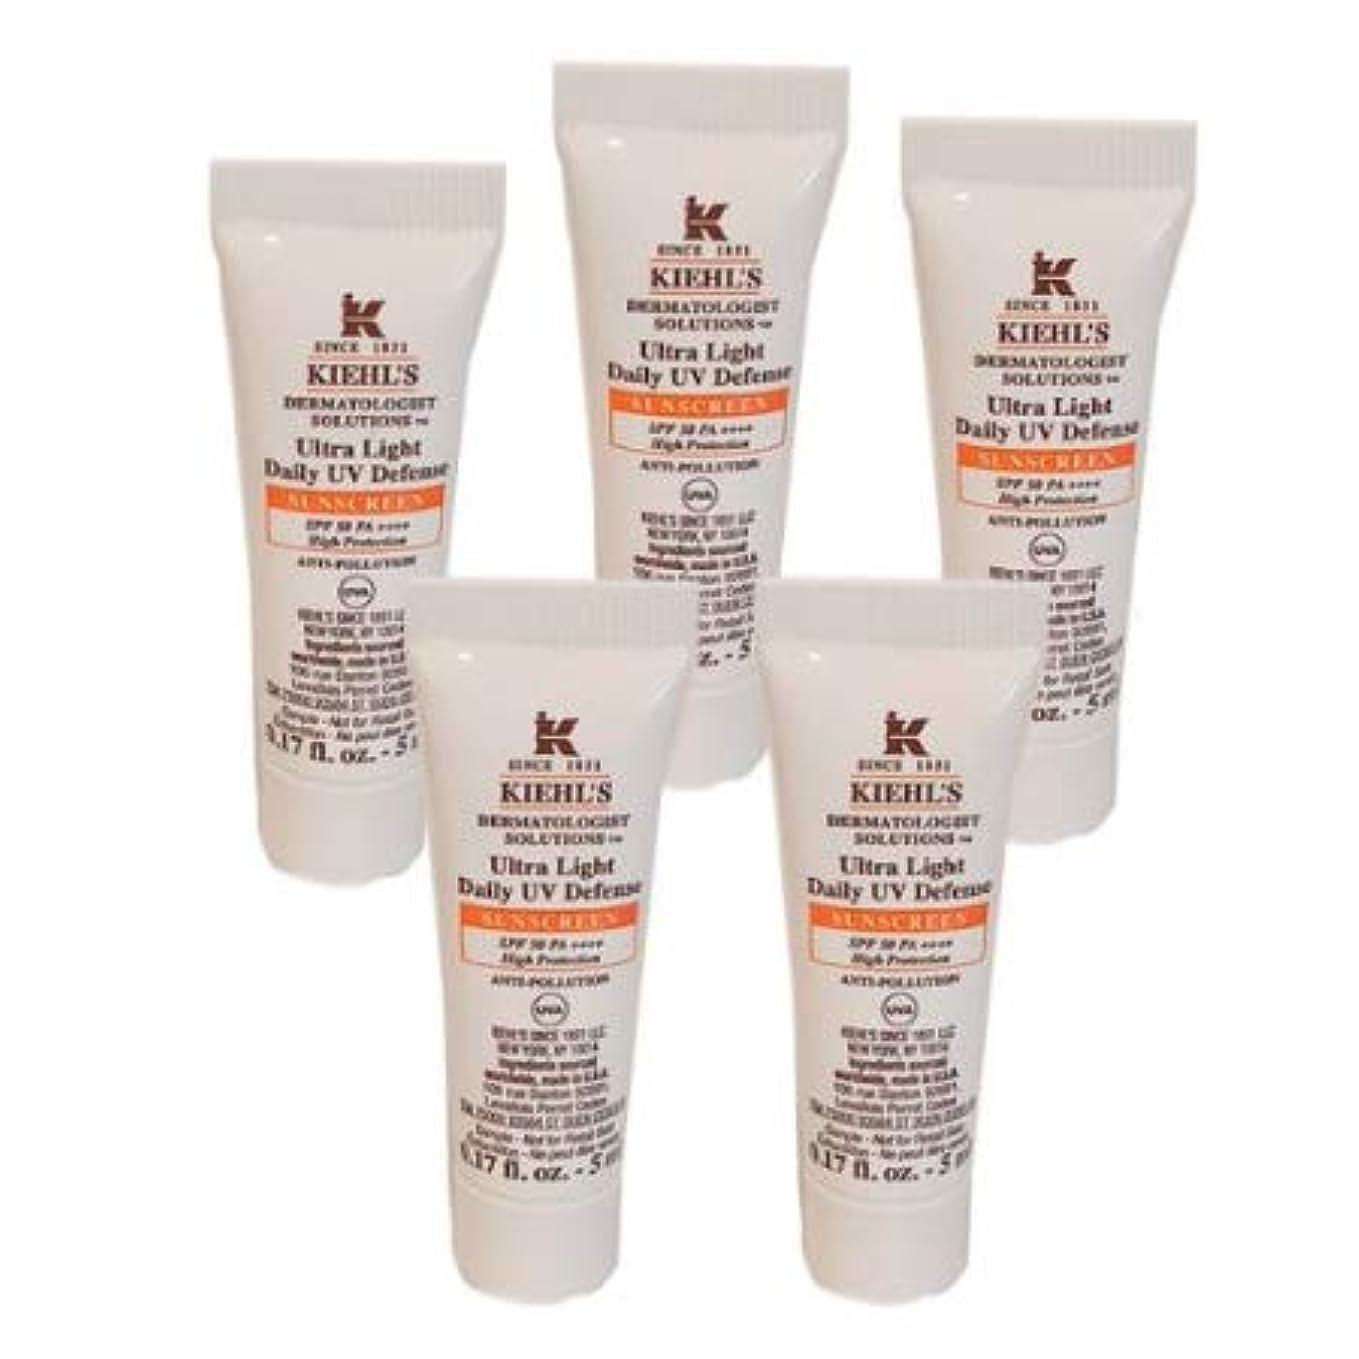 暖炉復讐予定Kiehl's(キールズ) キールズ UVディフェンス (5ml x 5個) / KIEHL'S Ultra Light Daily UV Defense Sunscreen SPF 50 PA++++